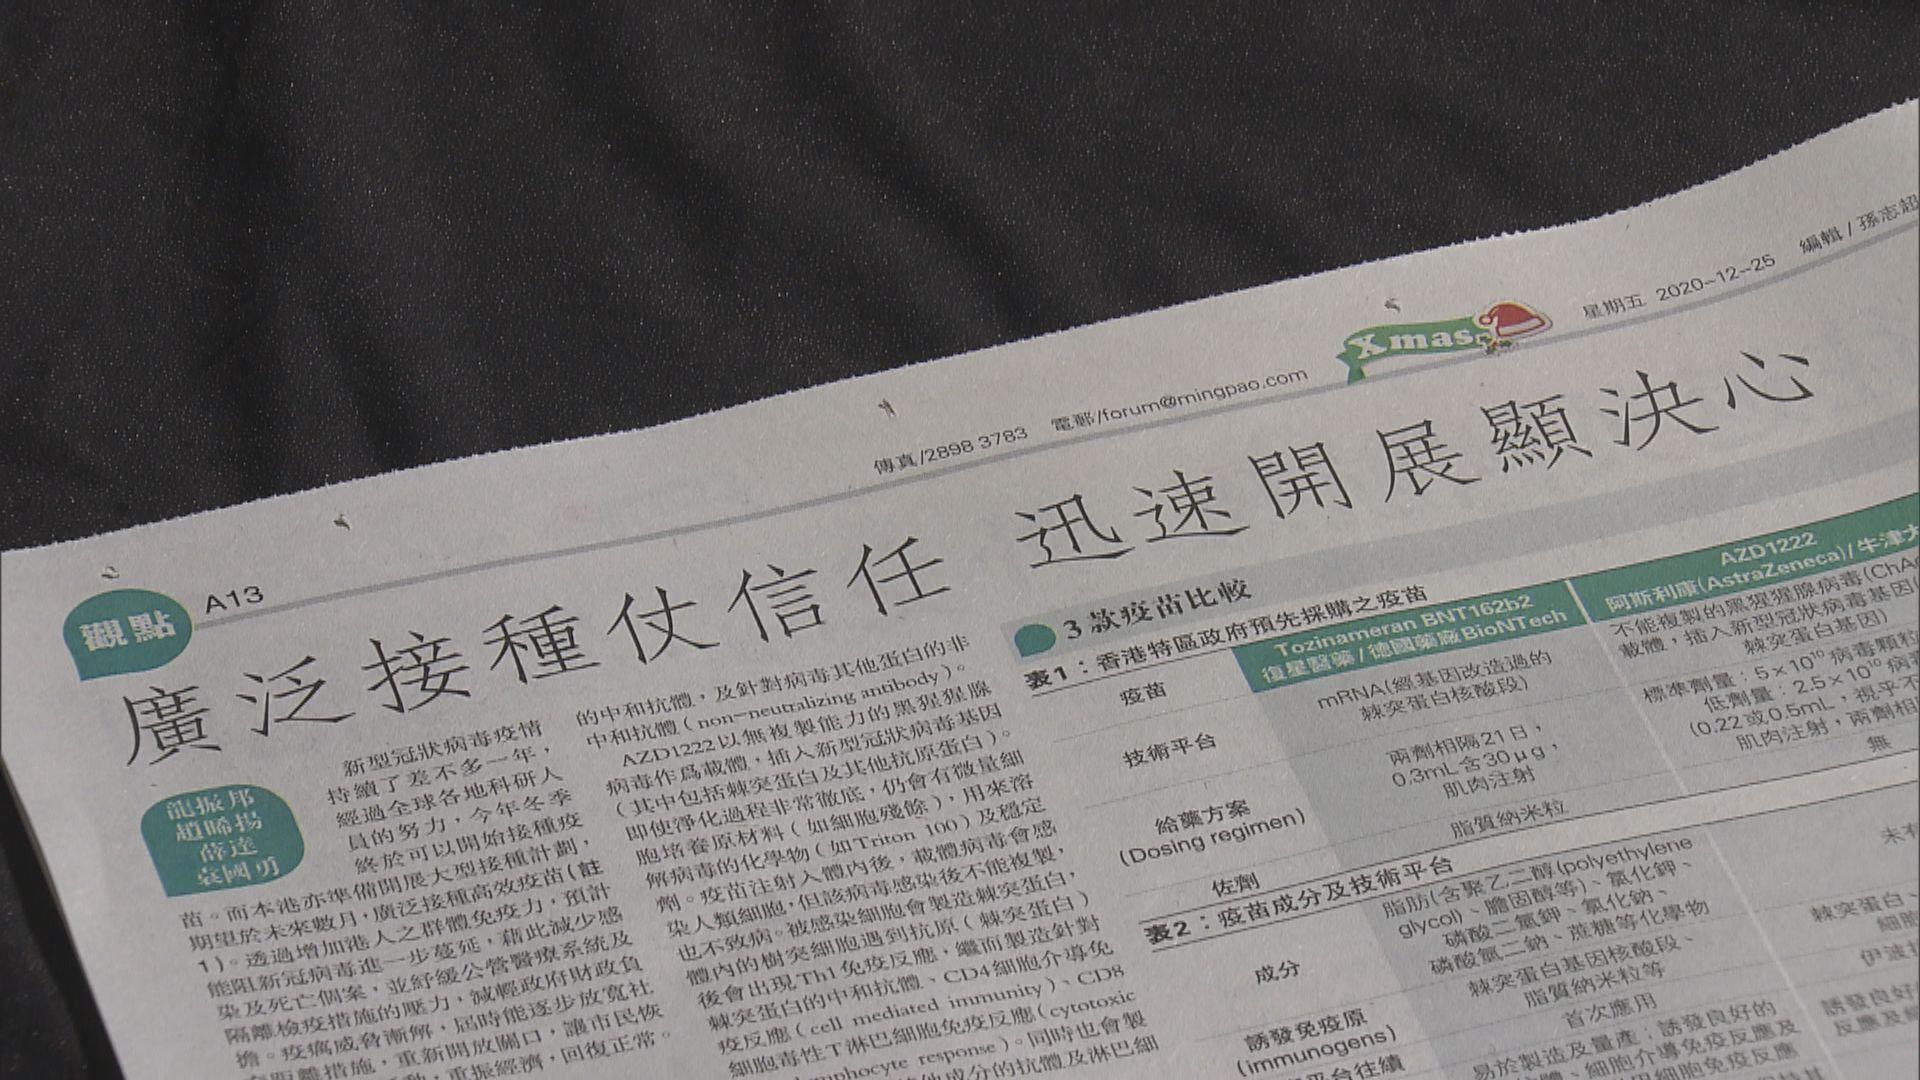 袁國勇多名教授合撰文章 指應先採用科興及BioNTech疫苗